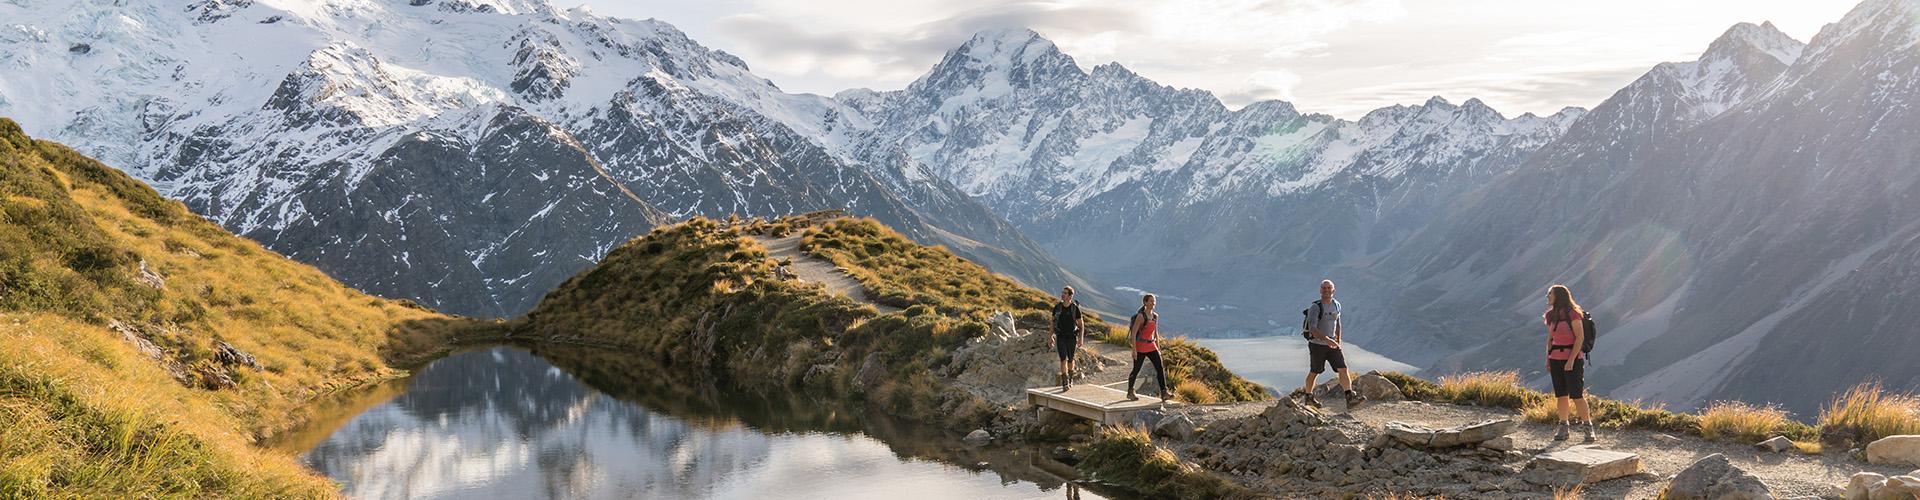 Nueva Zelanda Visitante por primera vez